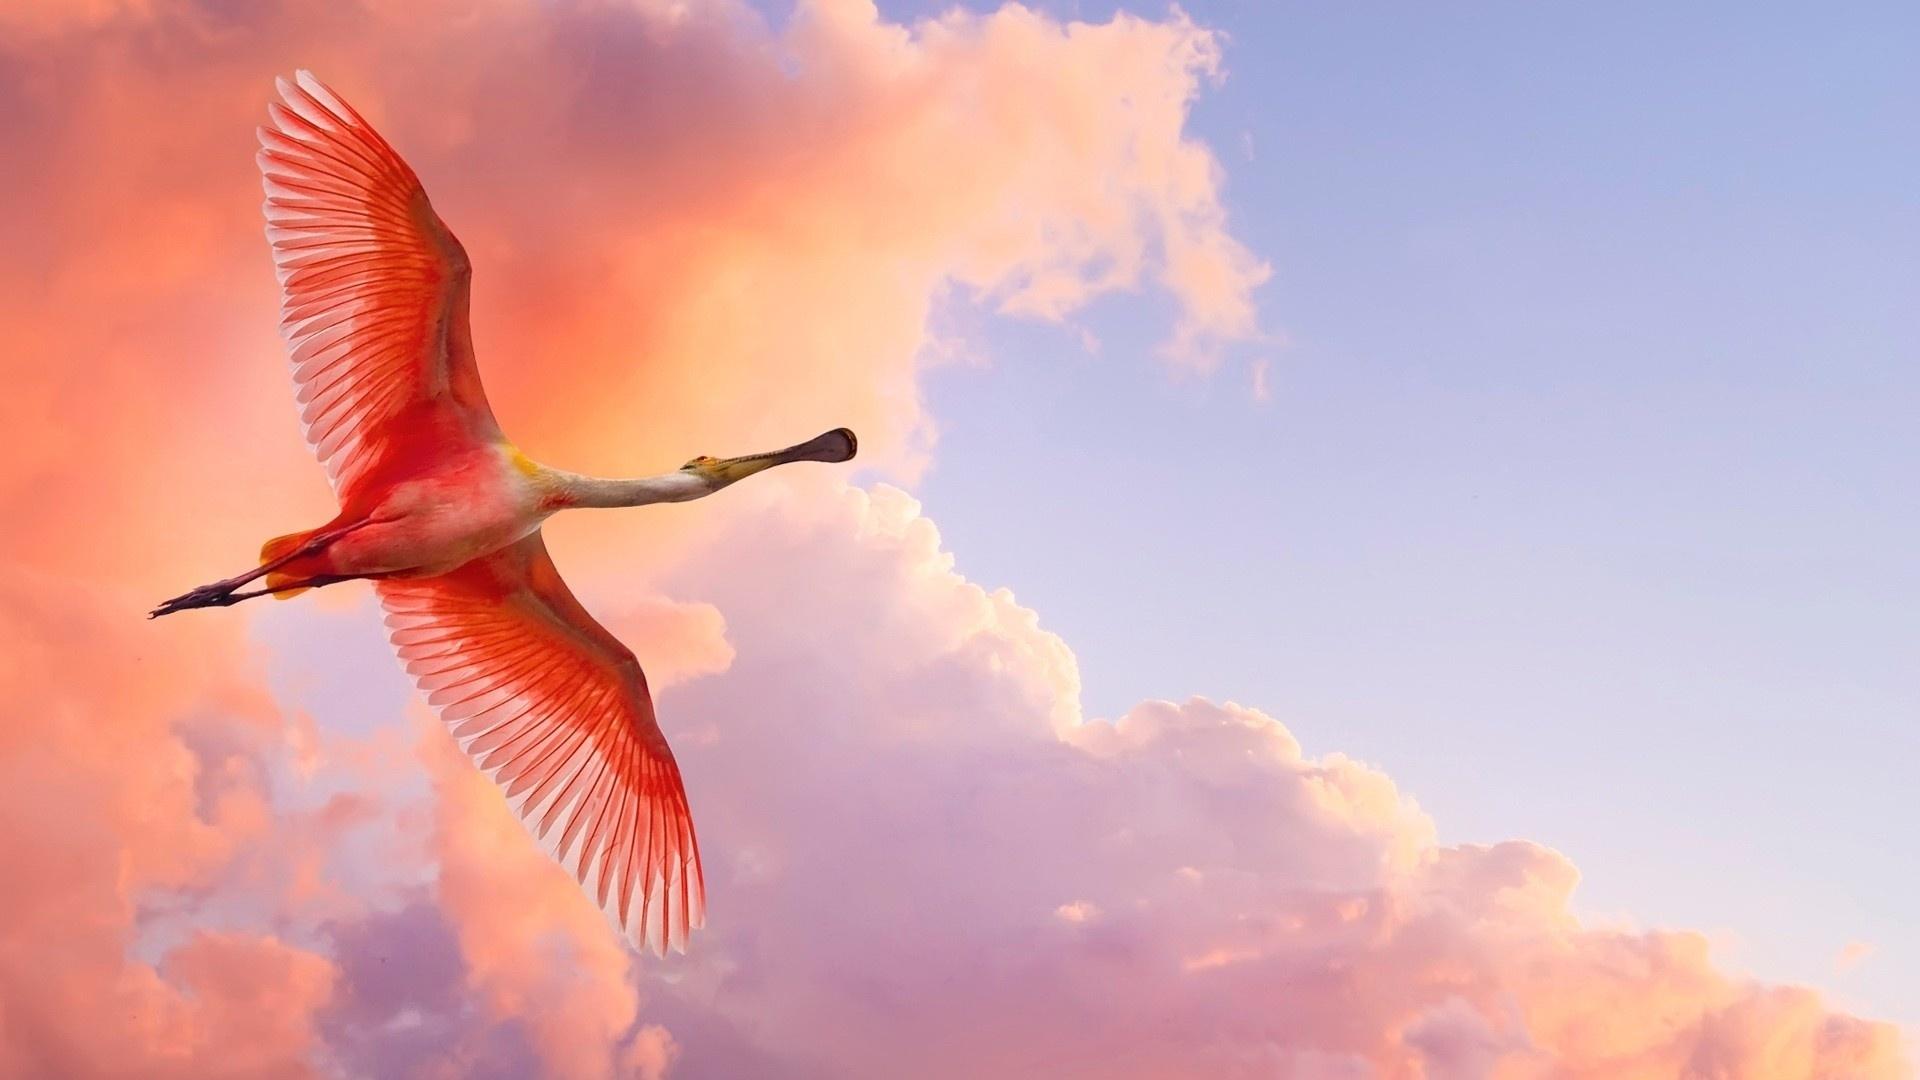 Download Wallpaper 1920x1080 Flamingo Flying Birds Sky Clouds